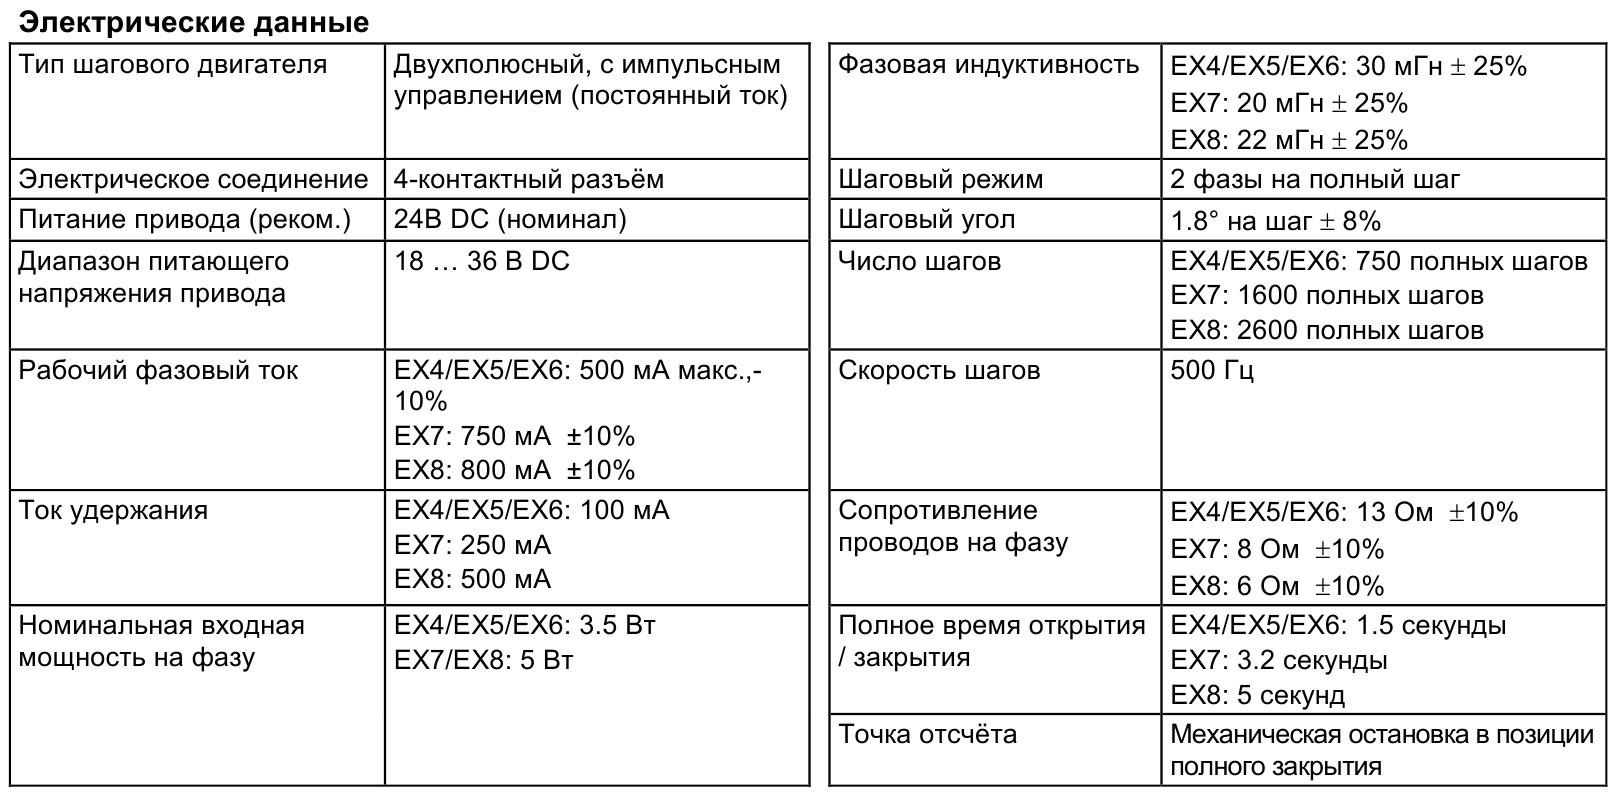 Alco Controls EX4_EX5_EX6_EX7_EX8 - 12